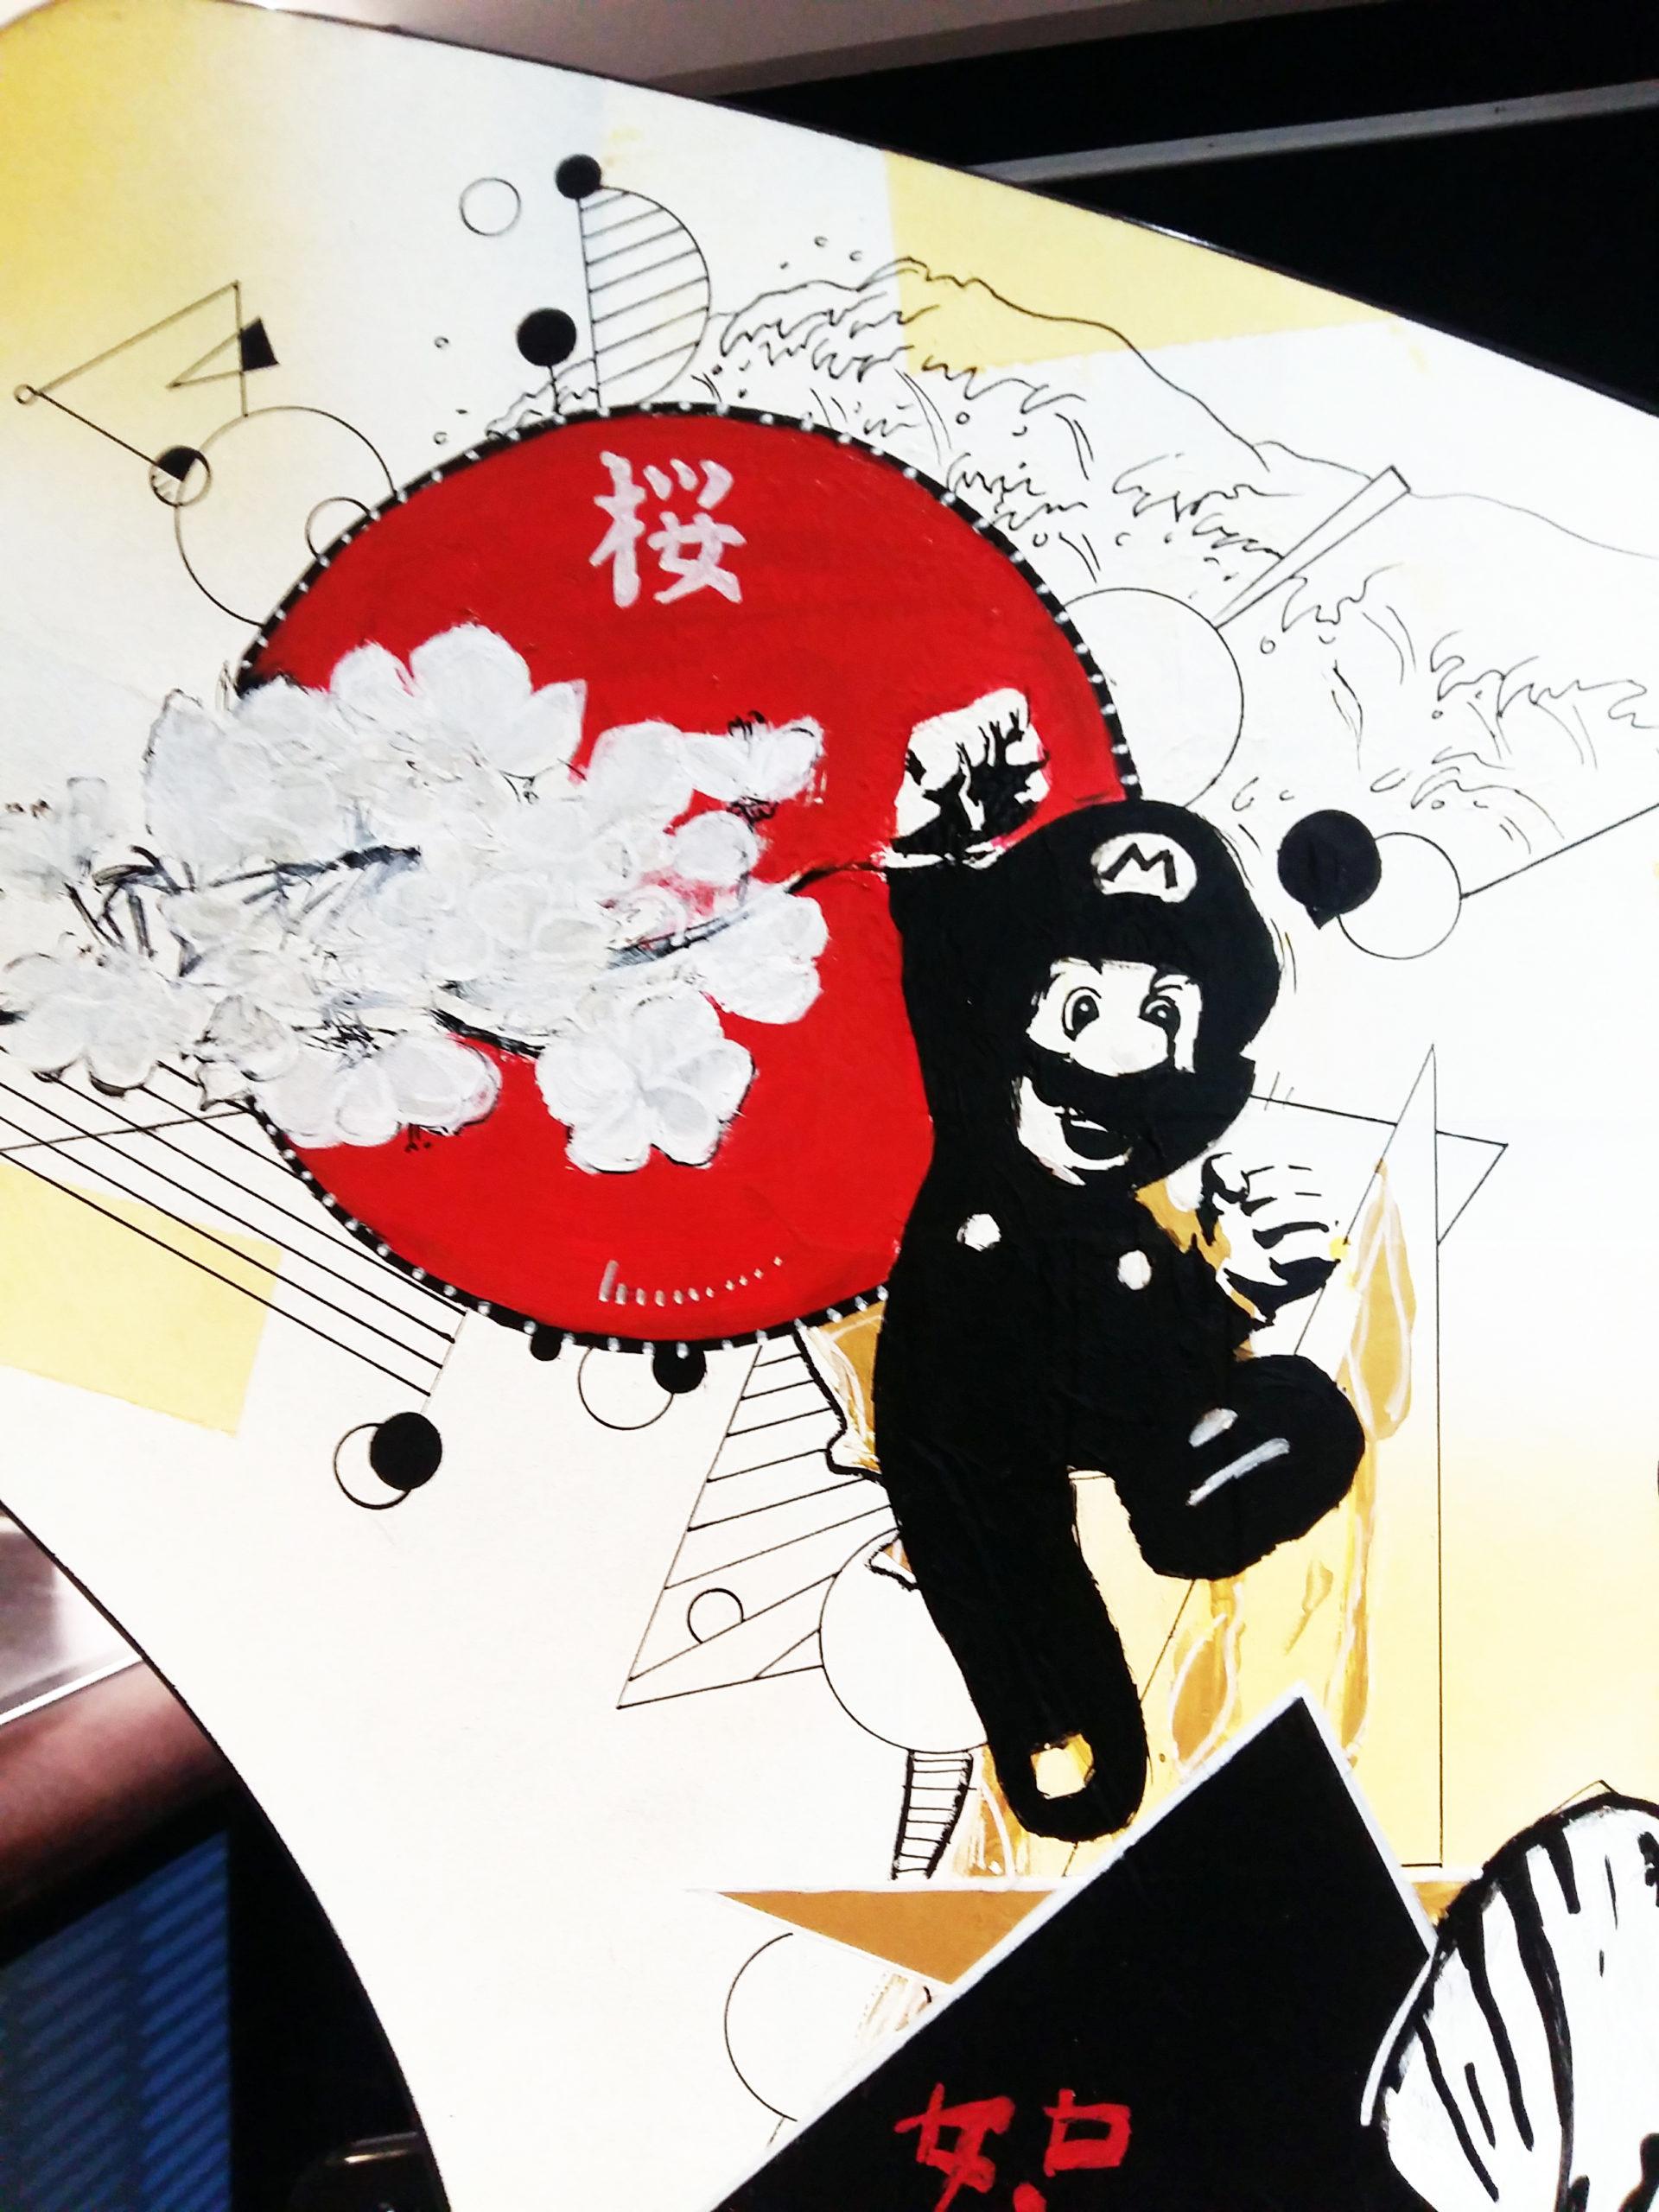 """Gros plan de la Borne d'Arcade """"Empire du Soleil Levant"""": Mario, fleurs de cerisier, La Grande Vague de Kanagawa d'Hokusai"""